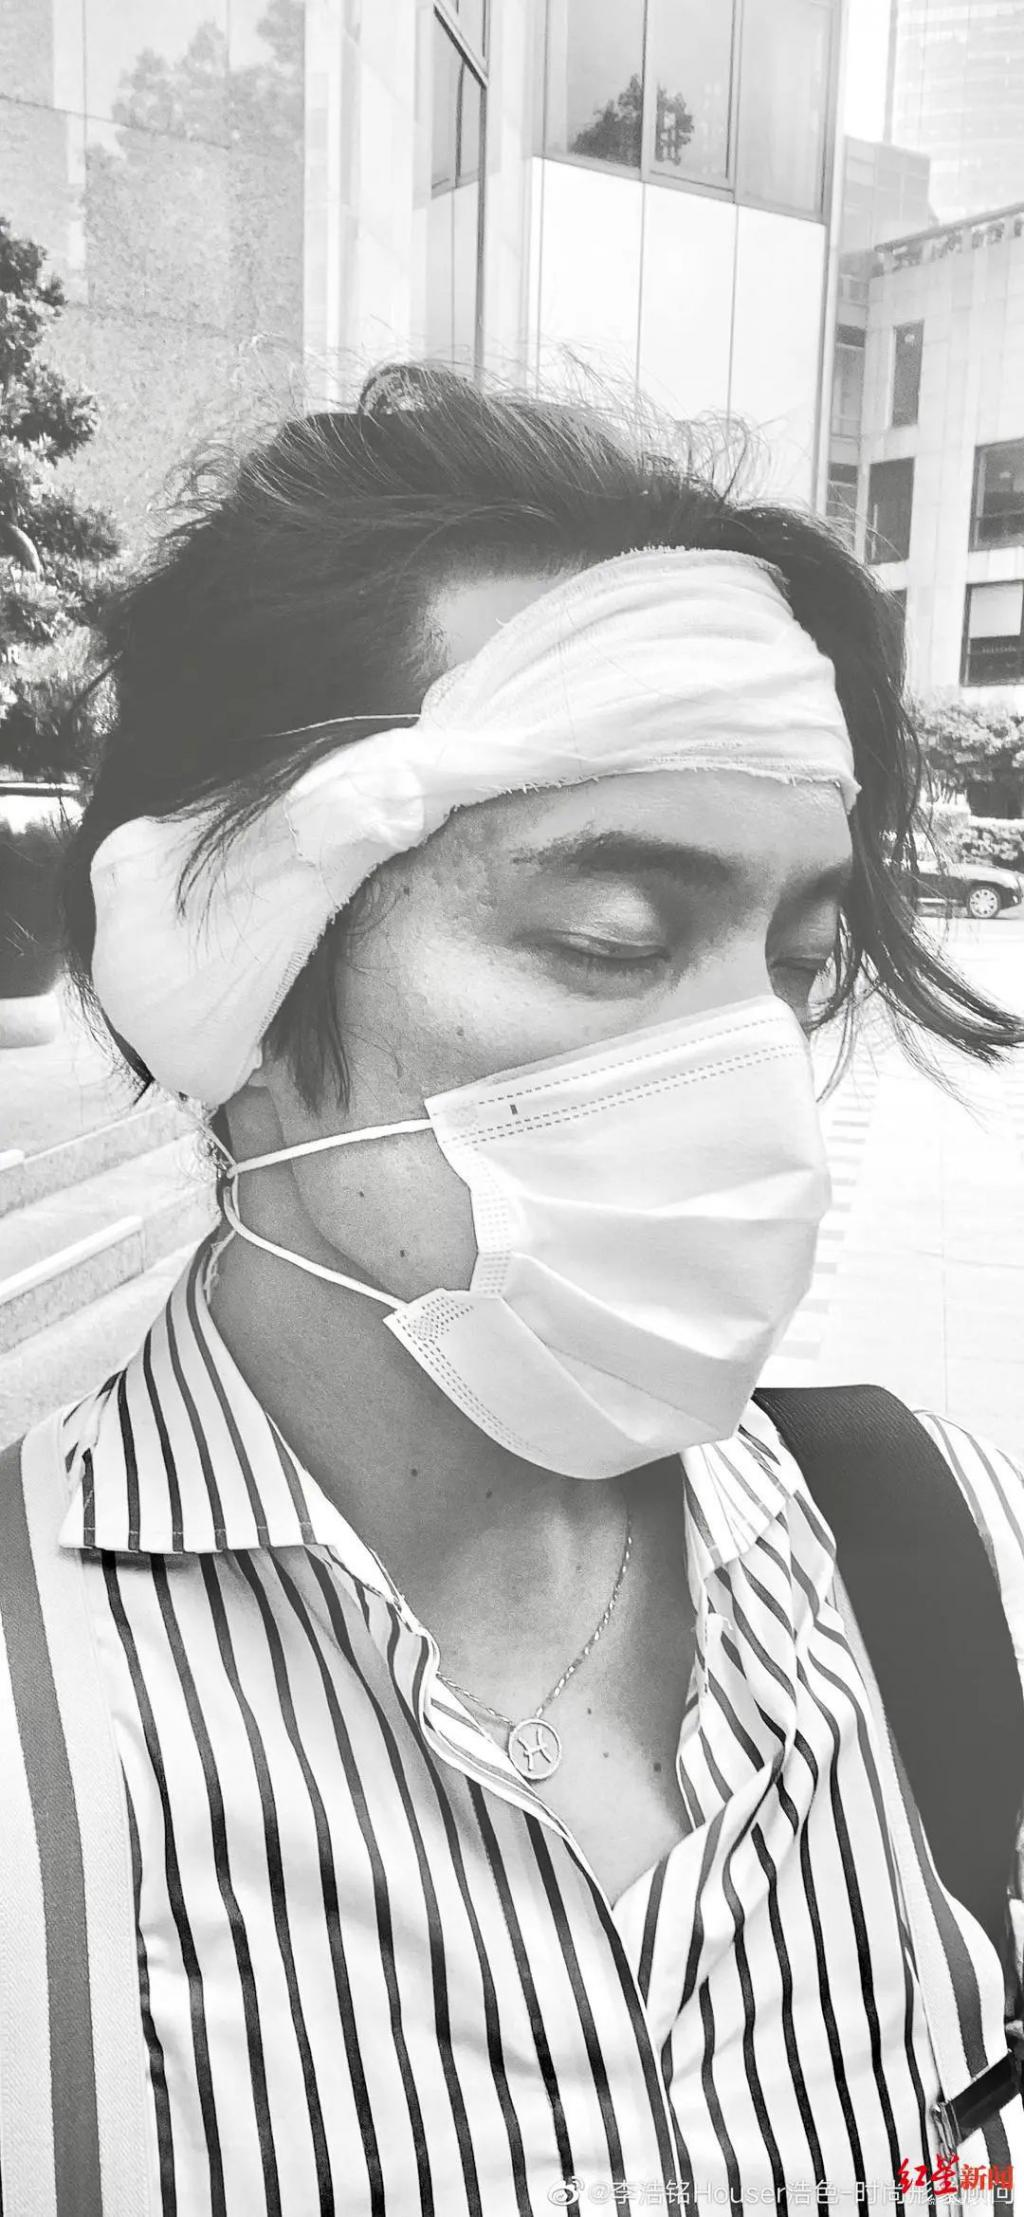 路边救女生左耳被咬掉三分之一,伤者工作涉形象美学